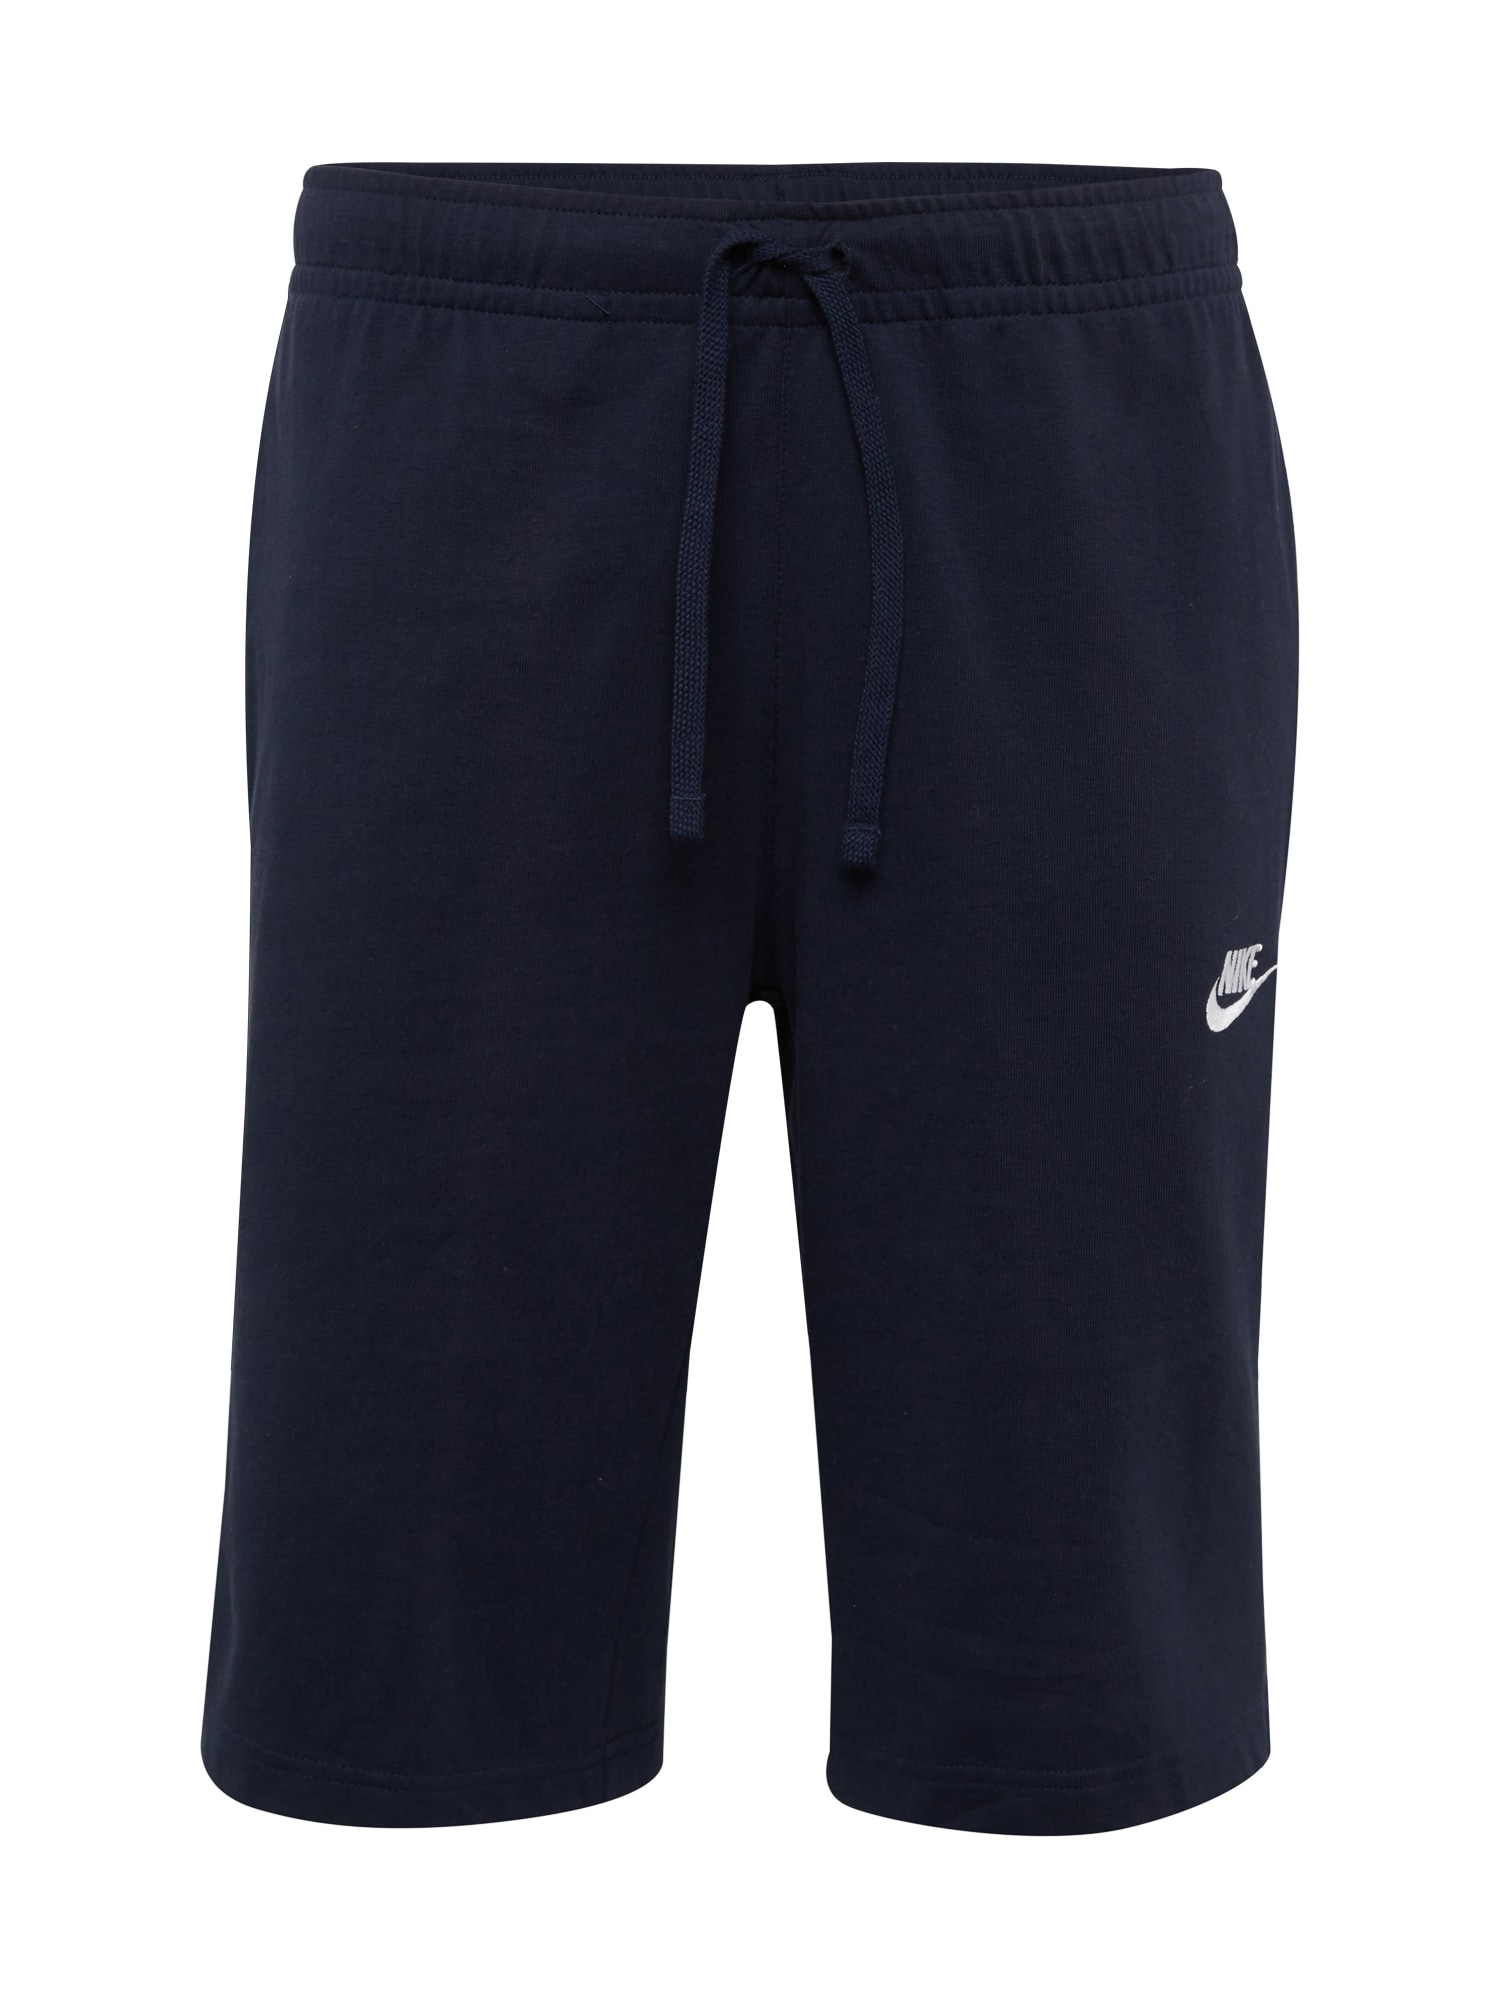 Kalhoty NSW SHORT JERSEY CLUB tmavě modrá Nike Sportswear